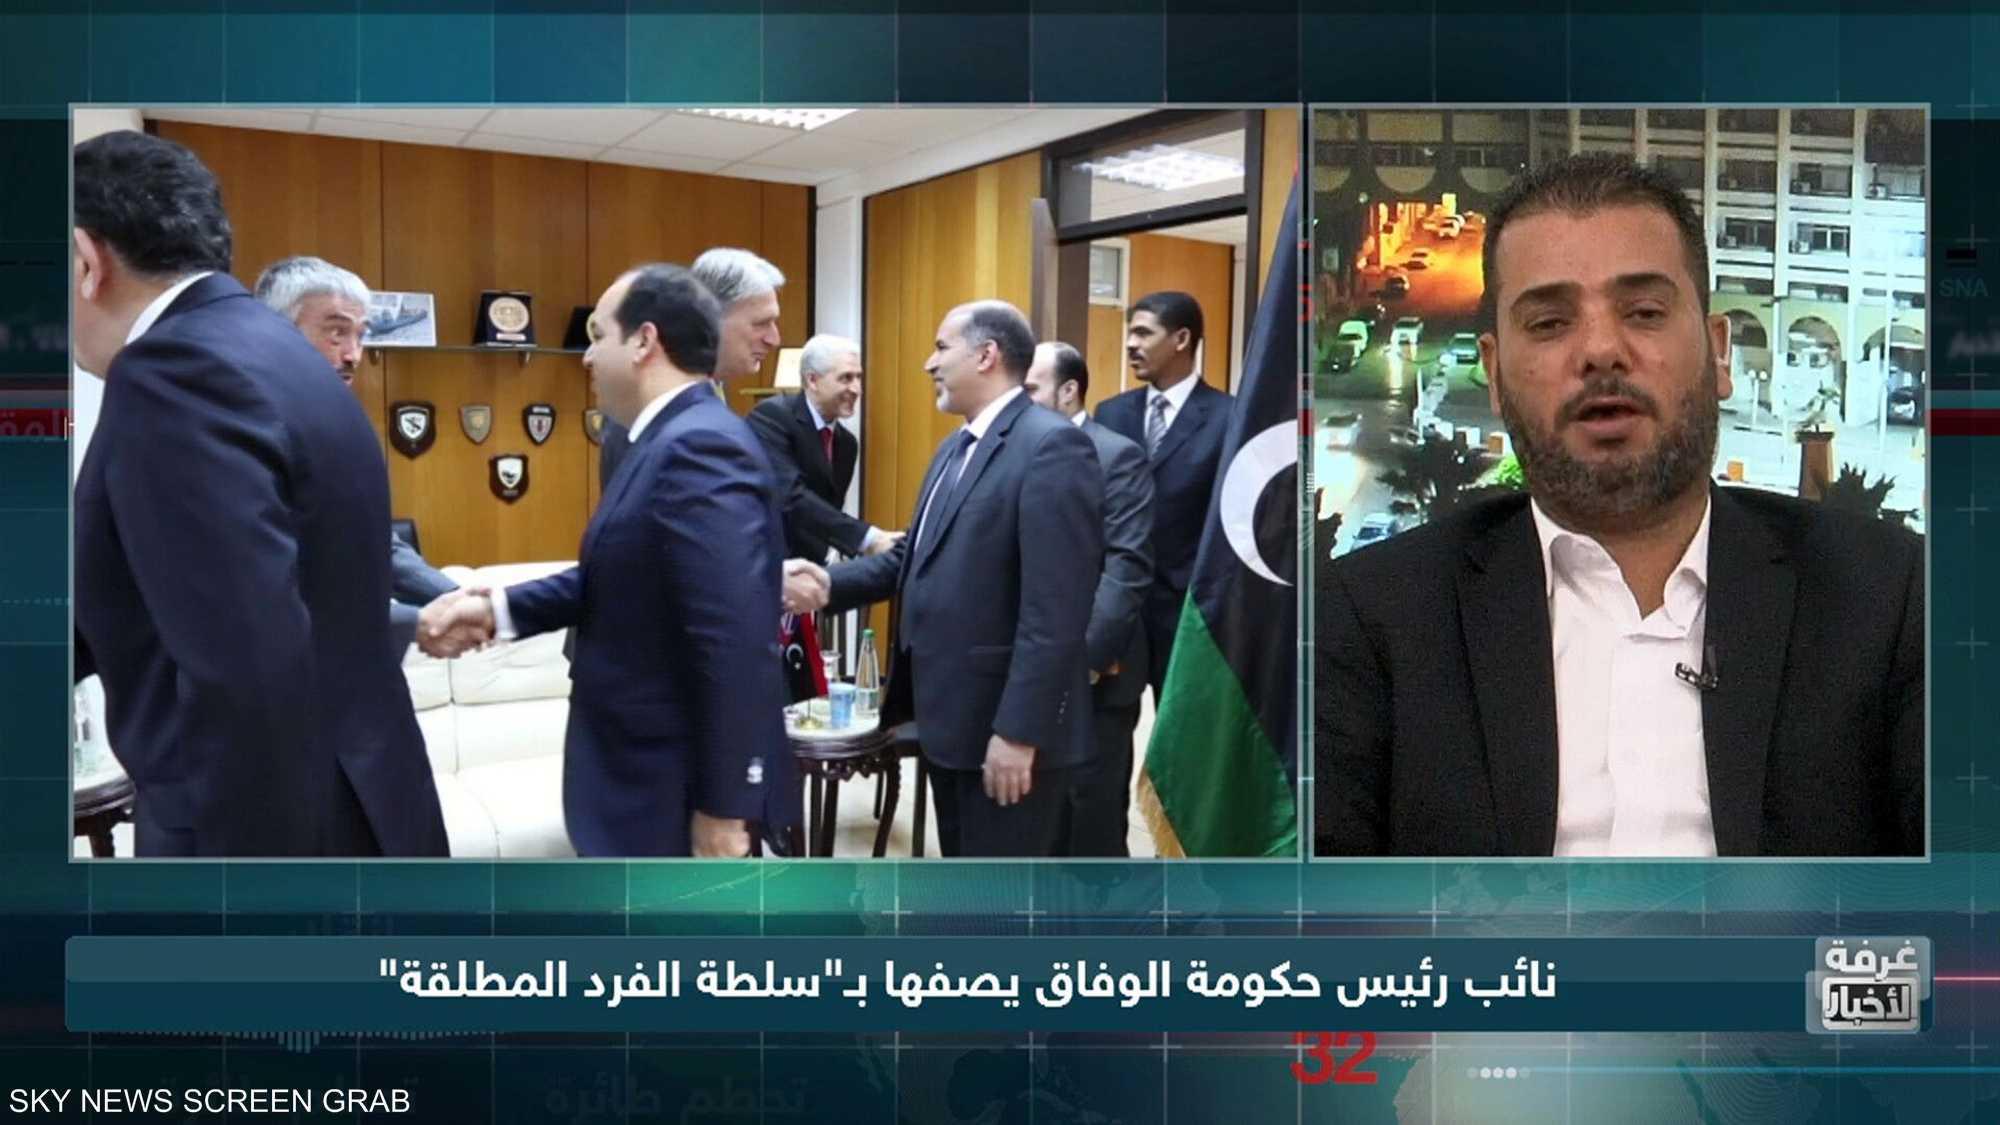 الانقسامات تعصف بحكومة الوفاق الليبية